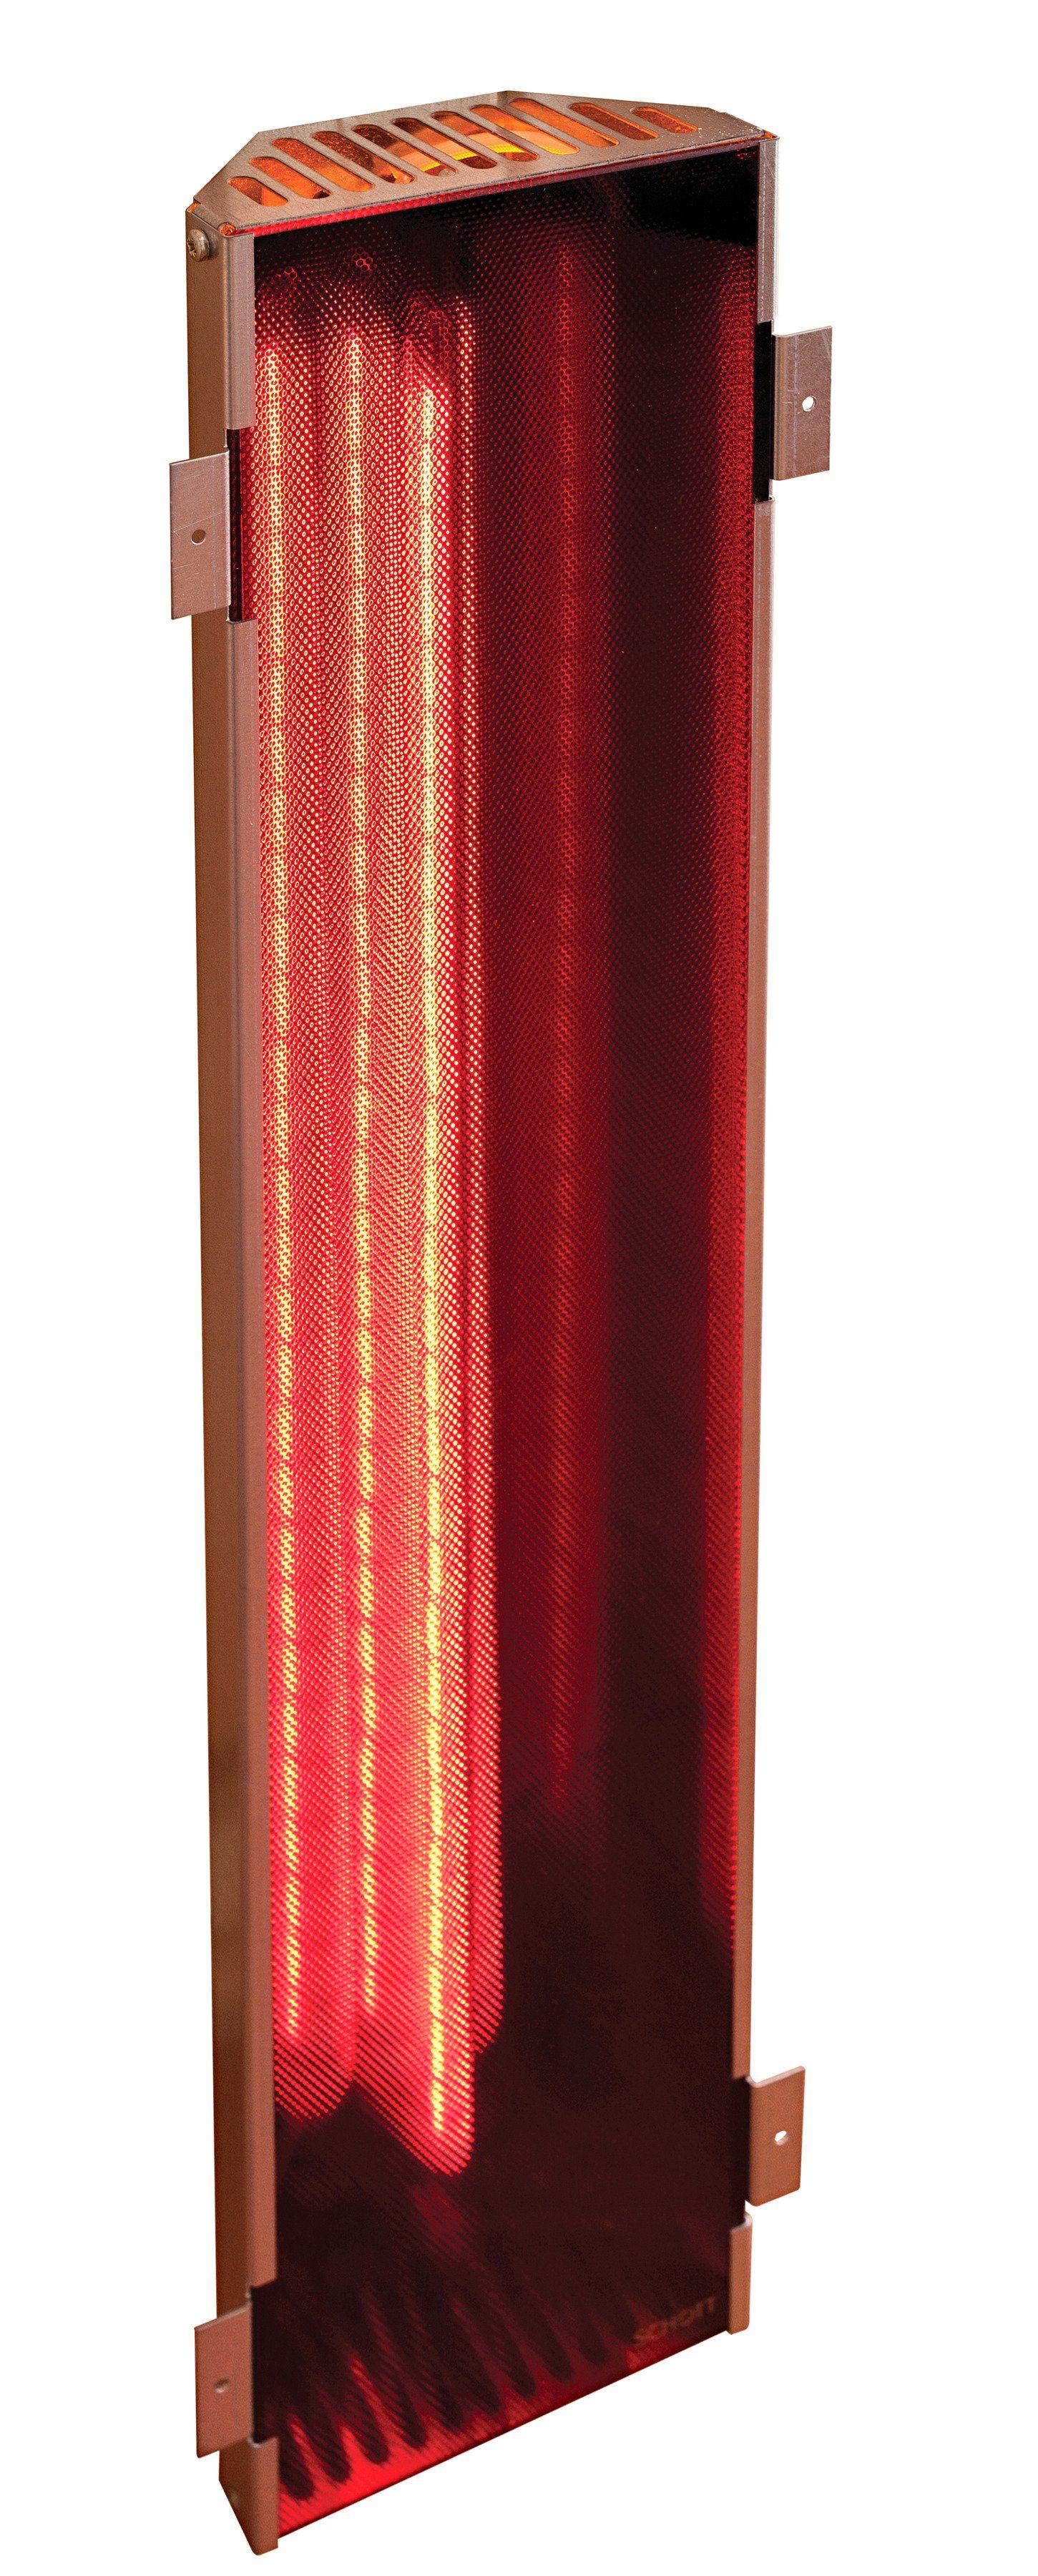 KARIBU Nextrema-Strahler »A«, mit 1 Rücken- und 2 Frontstrahlern